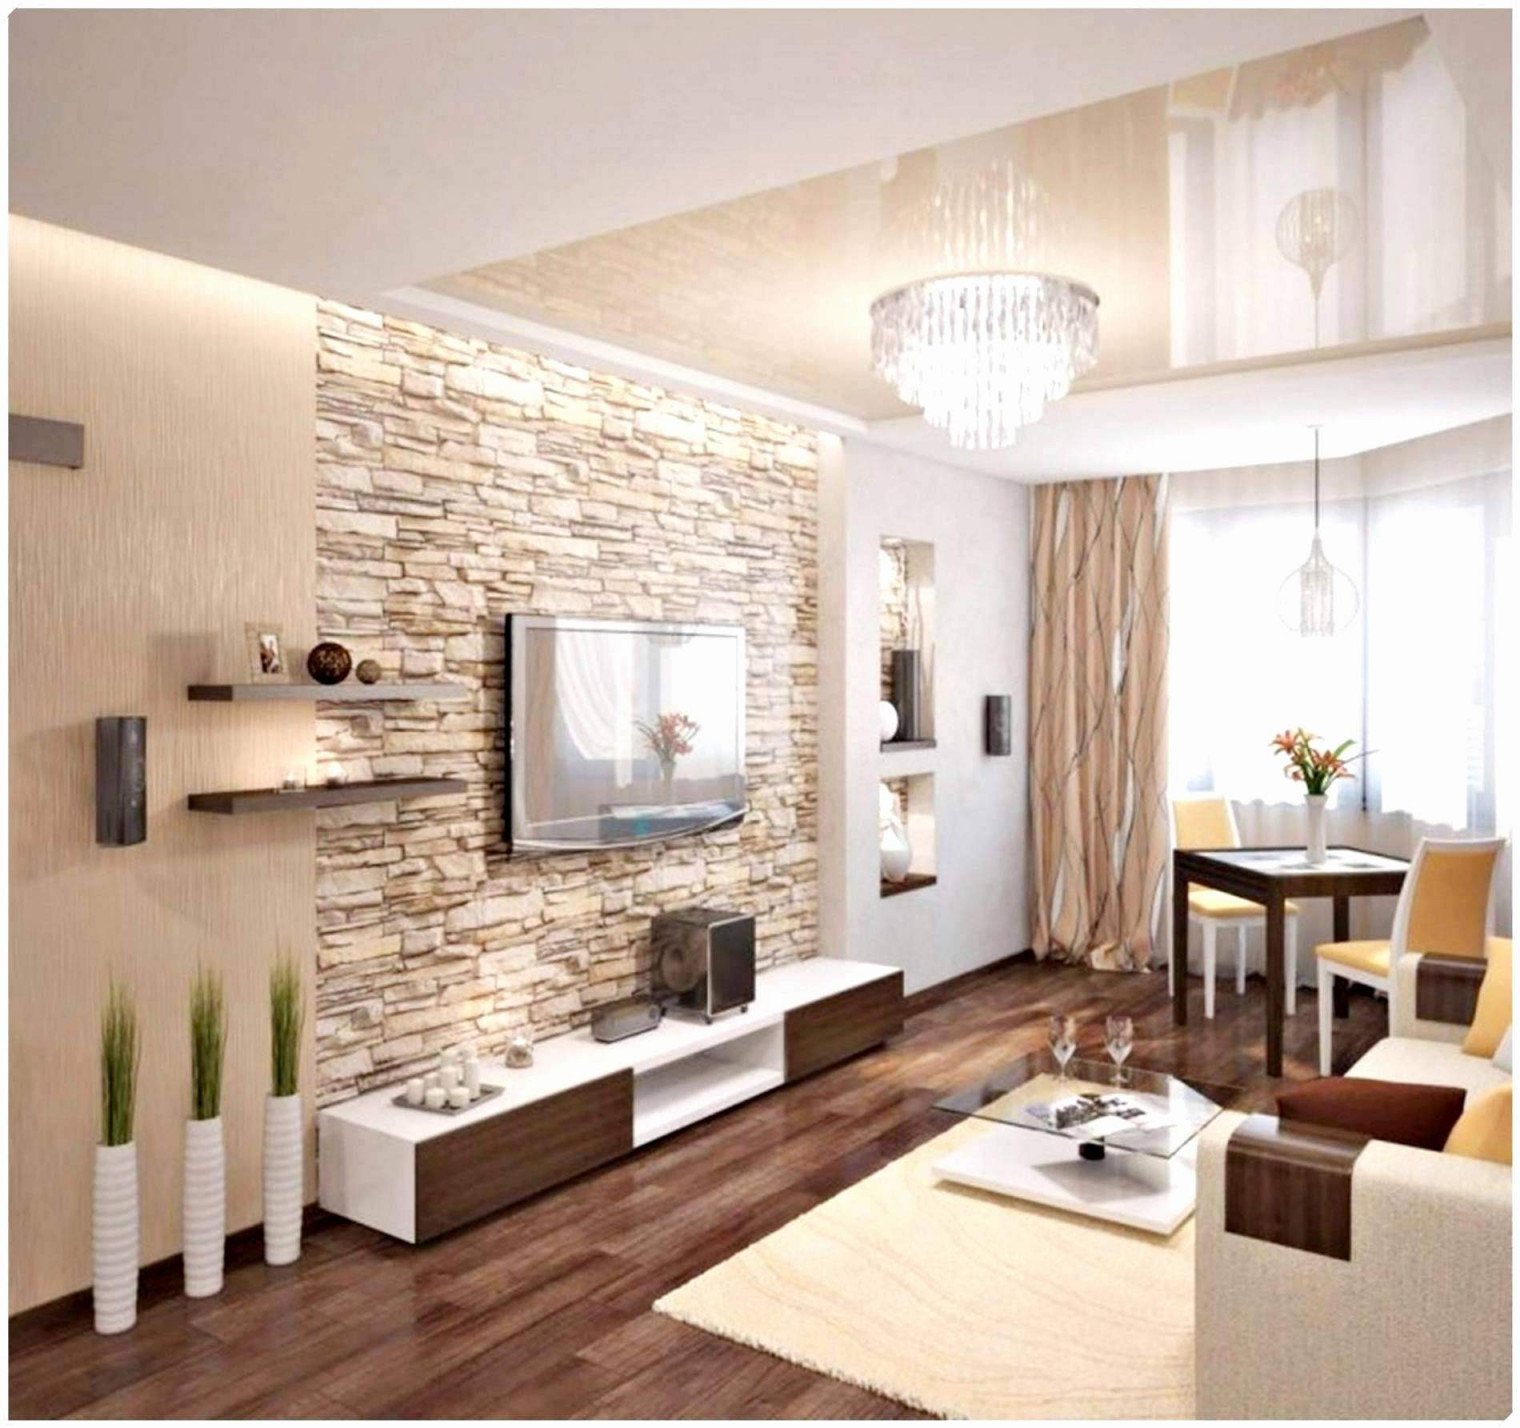 37 Luxus Tapeten Kombinationen Wohnzimmer Reizend von Bilder Tapeten Wohnzimmer Photo